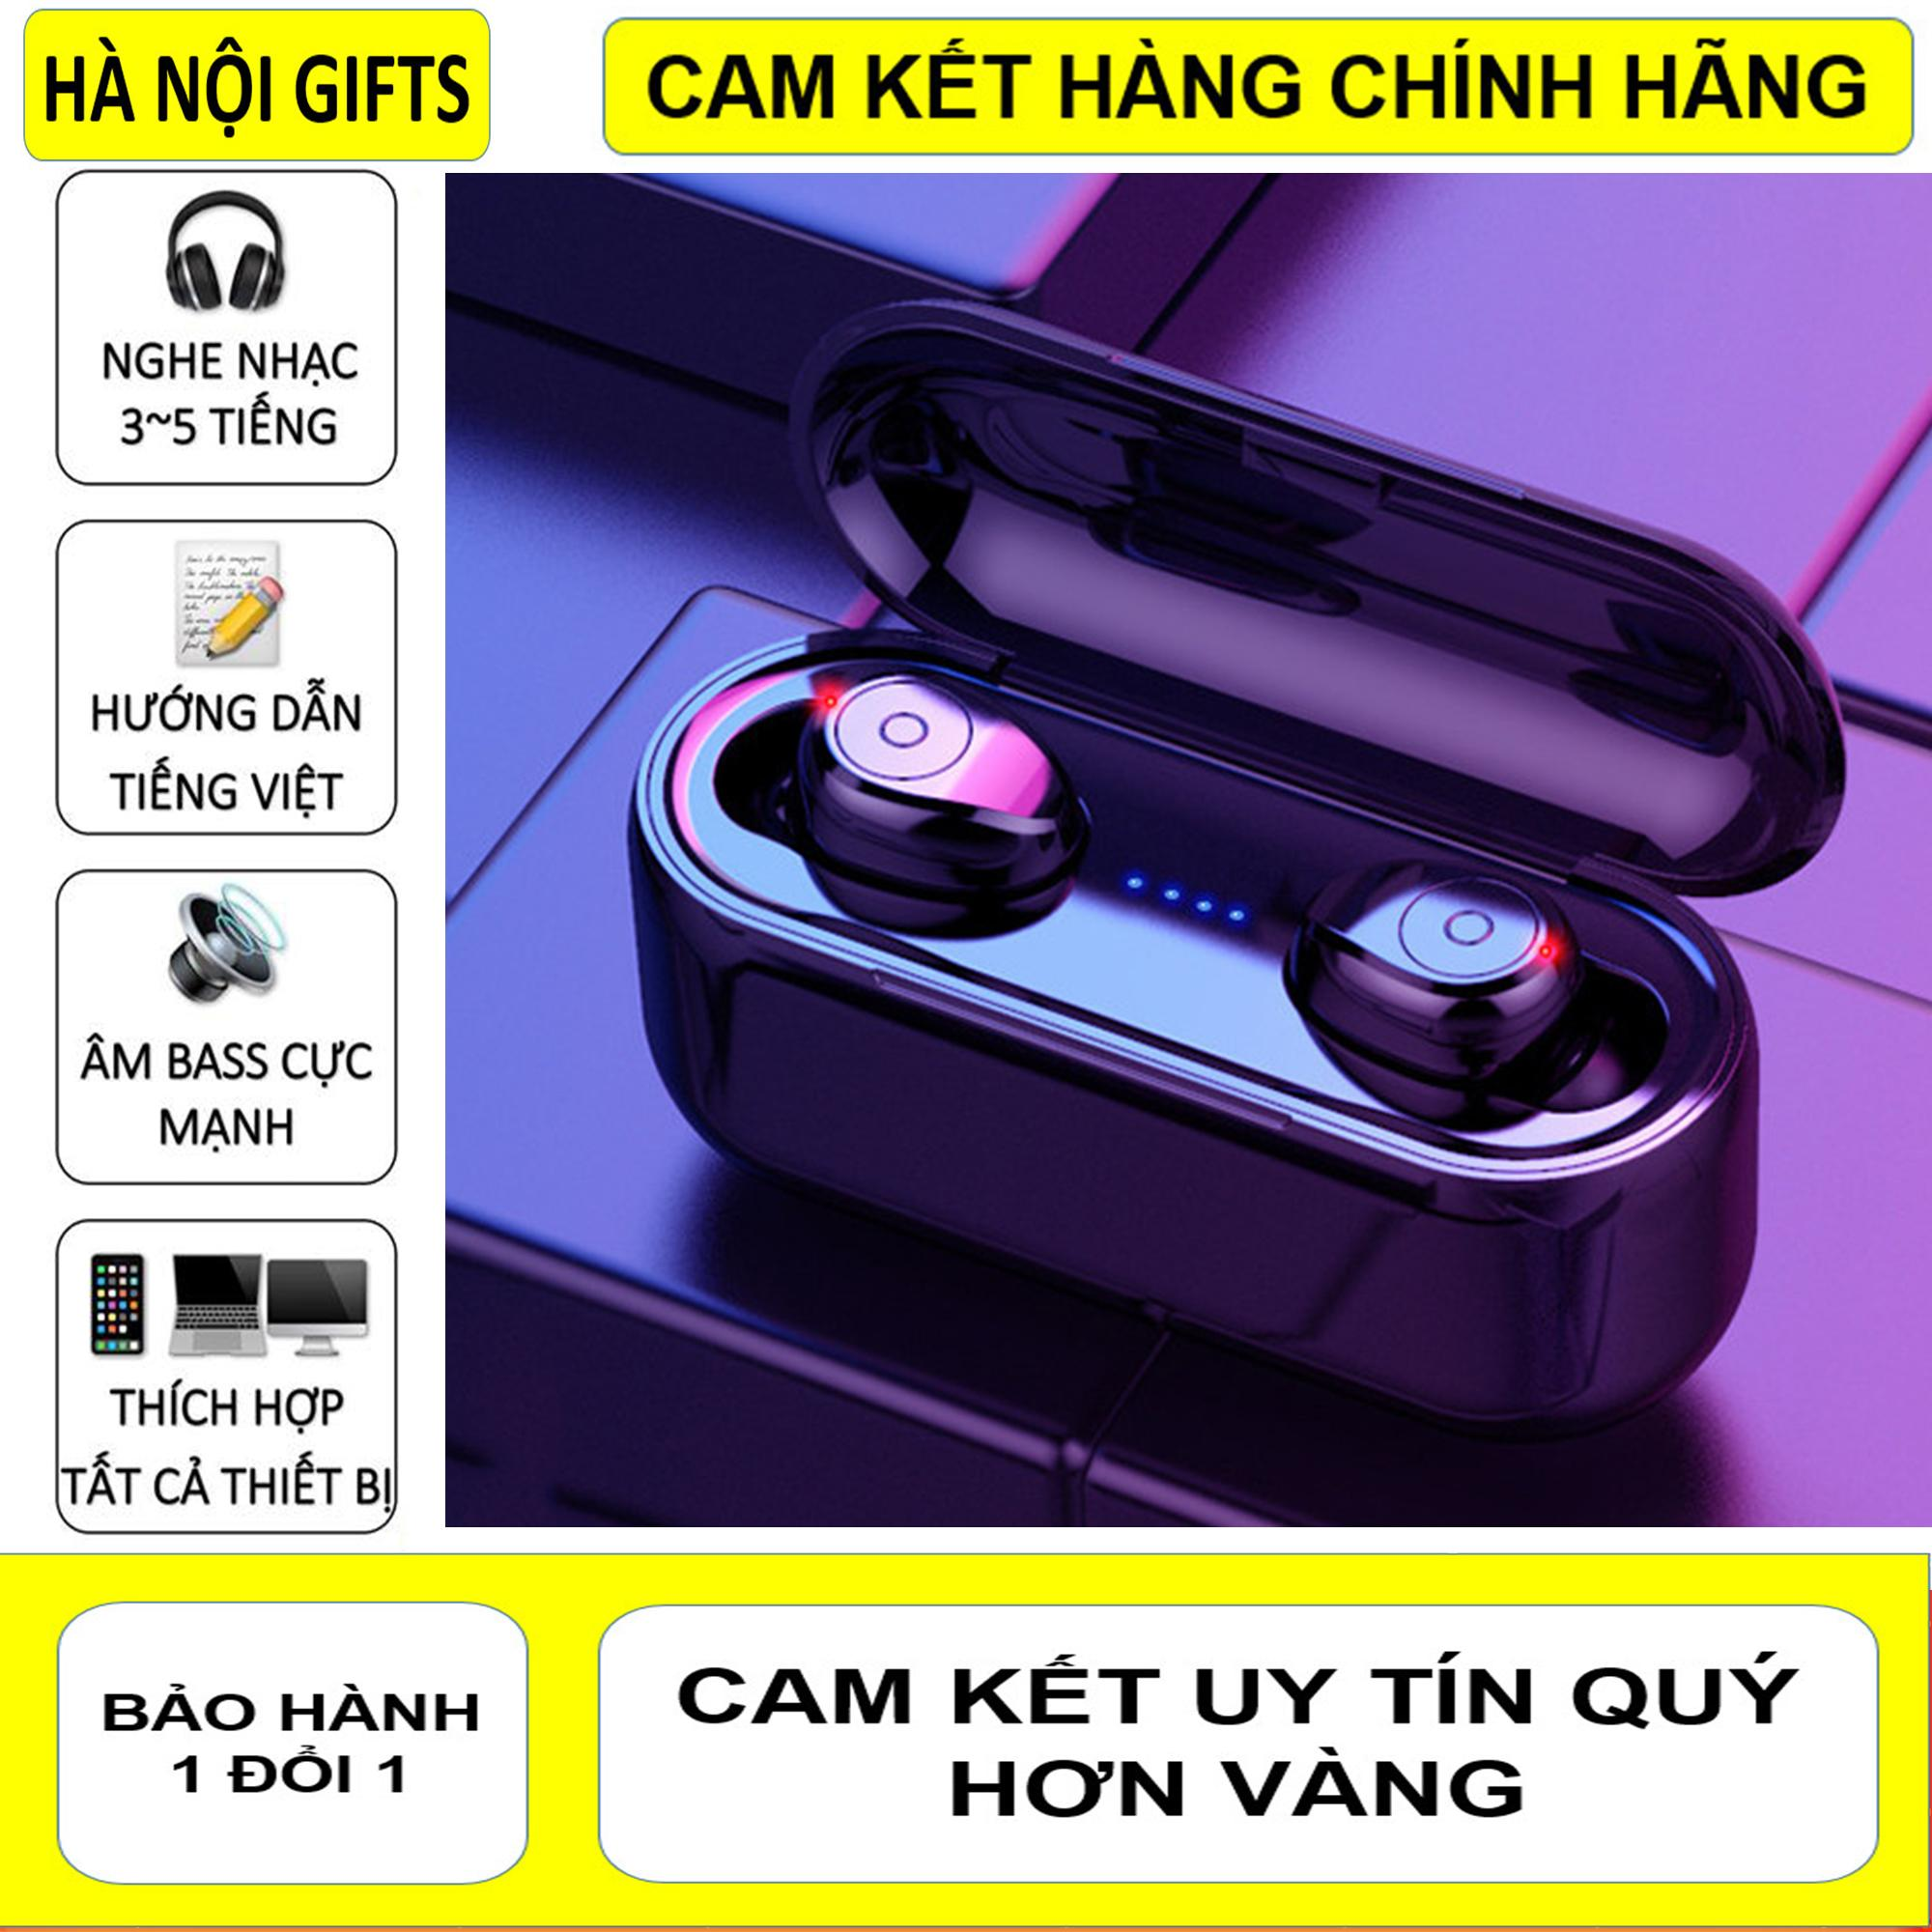 Tai Nghe Bluetooth 5.0, Tai Nghe Bluetooth Không Dây 5.0, Amoi F9 Kiêm Sạc Dự Phòng 2000mAh, Điều Khiển Cảm Ứng, Màn Led Báo Pin, Chống Nước, Chống Ồn, Âm Thanh HiFi TWS True  Siêu Bass, Siêu Trầm Micro HD Tương Thích Với Mọi Dòng Smart Phone Đang Ưu Đãi